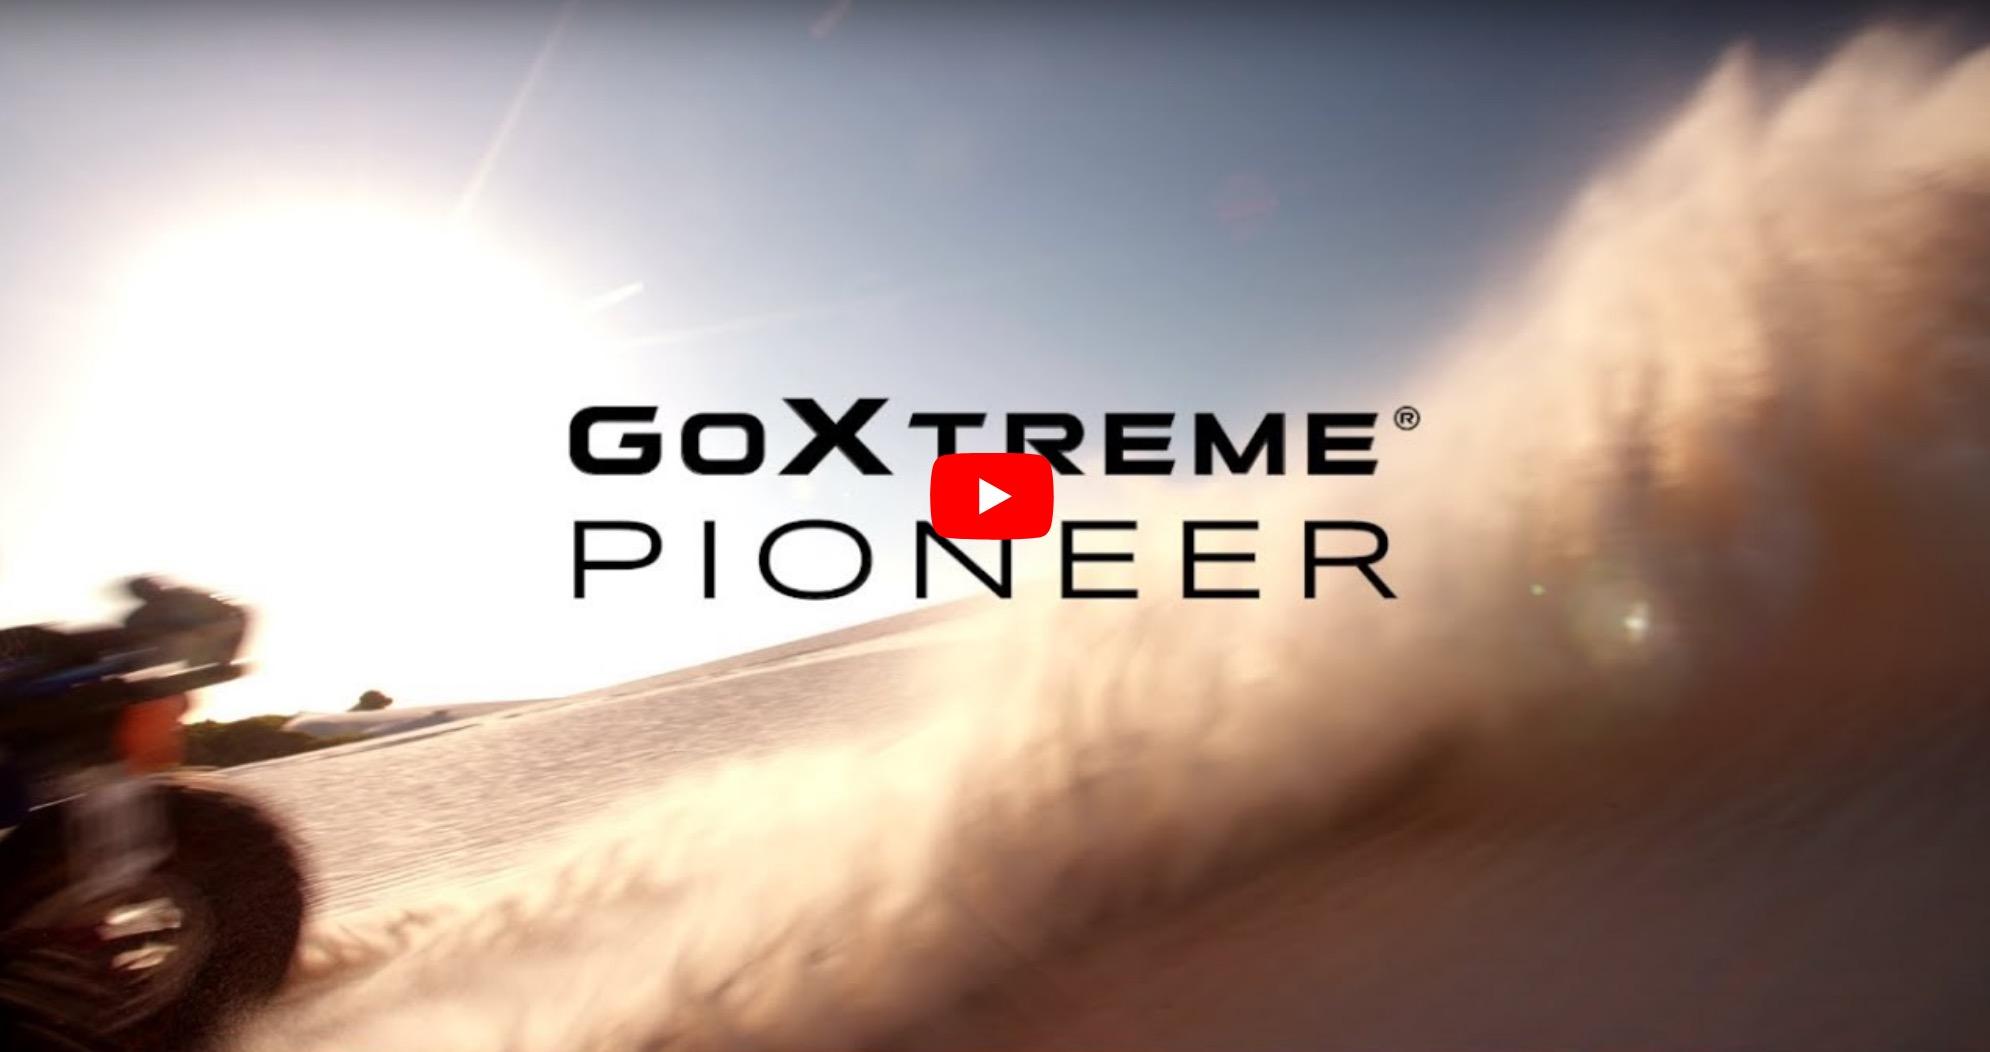 GoXtreme Pioneer